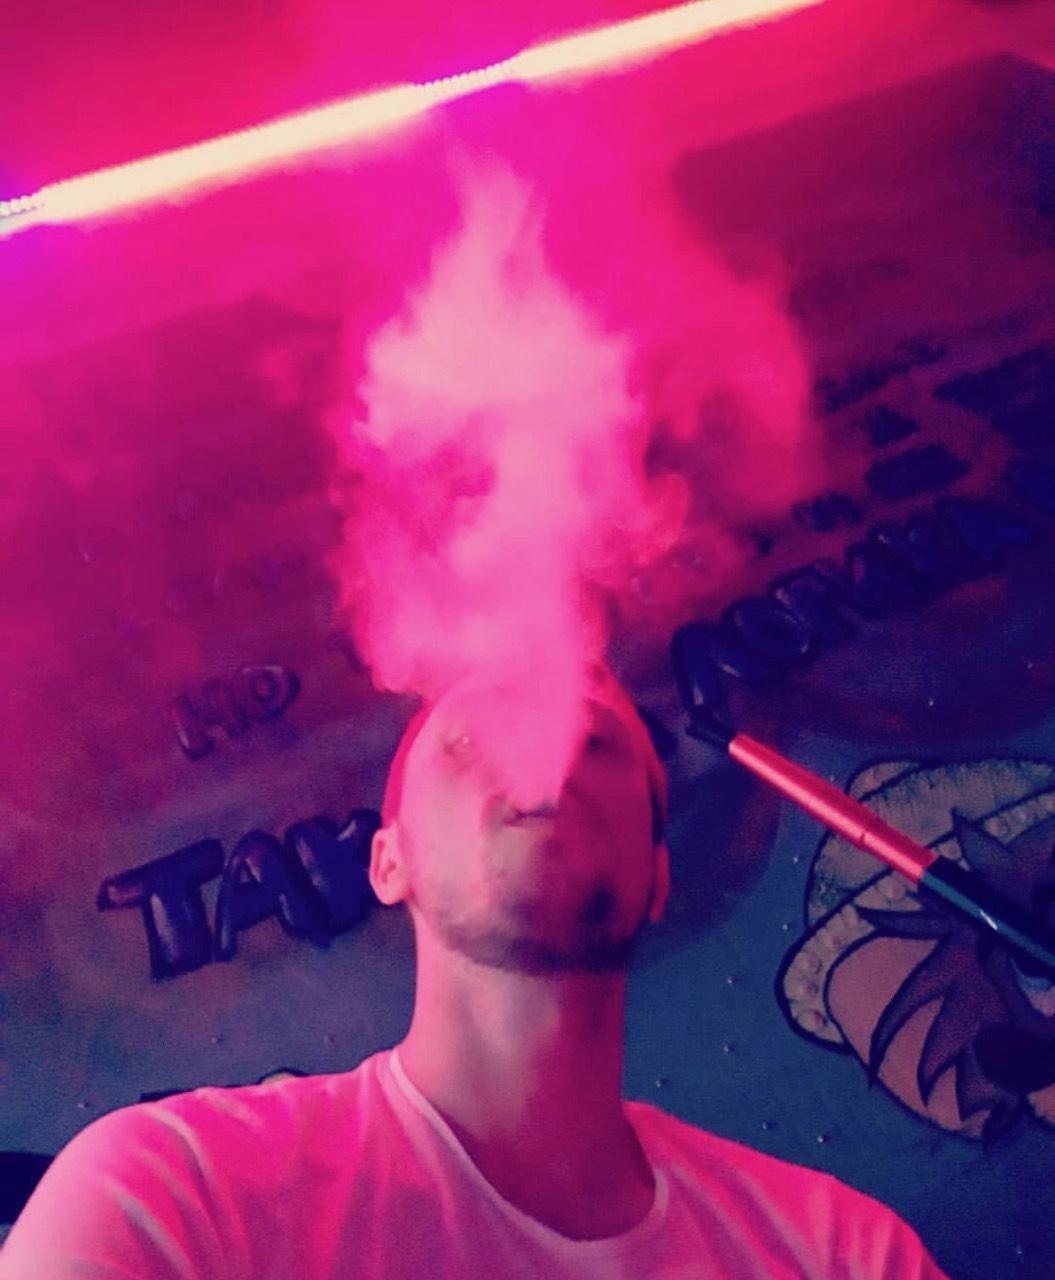 Кальян-бар киев, кальян-бар Smokeland, кальянная в центре киева,Меню кальян бара SMOKELAND,кальян бар киев,киев кальян,где покурить кальян киев, кальянные киева,кальян саксаганского ( (5)